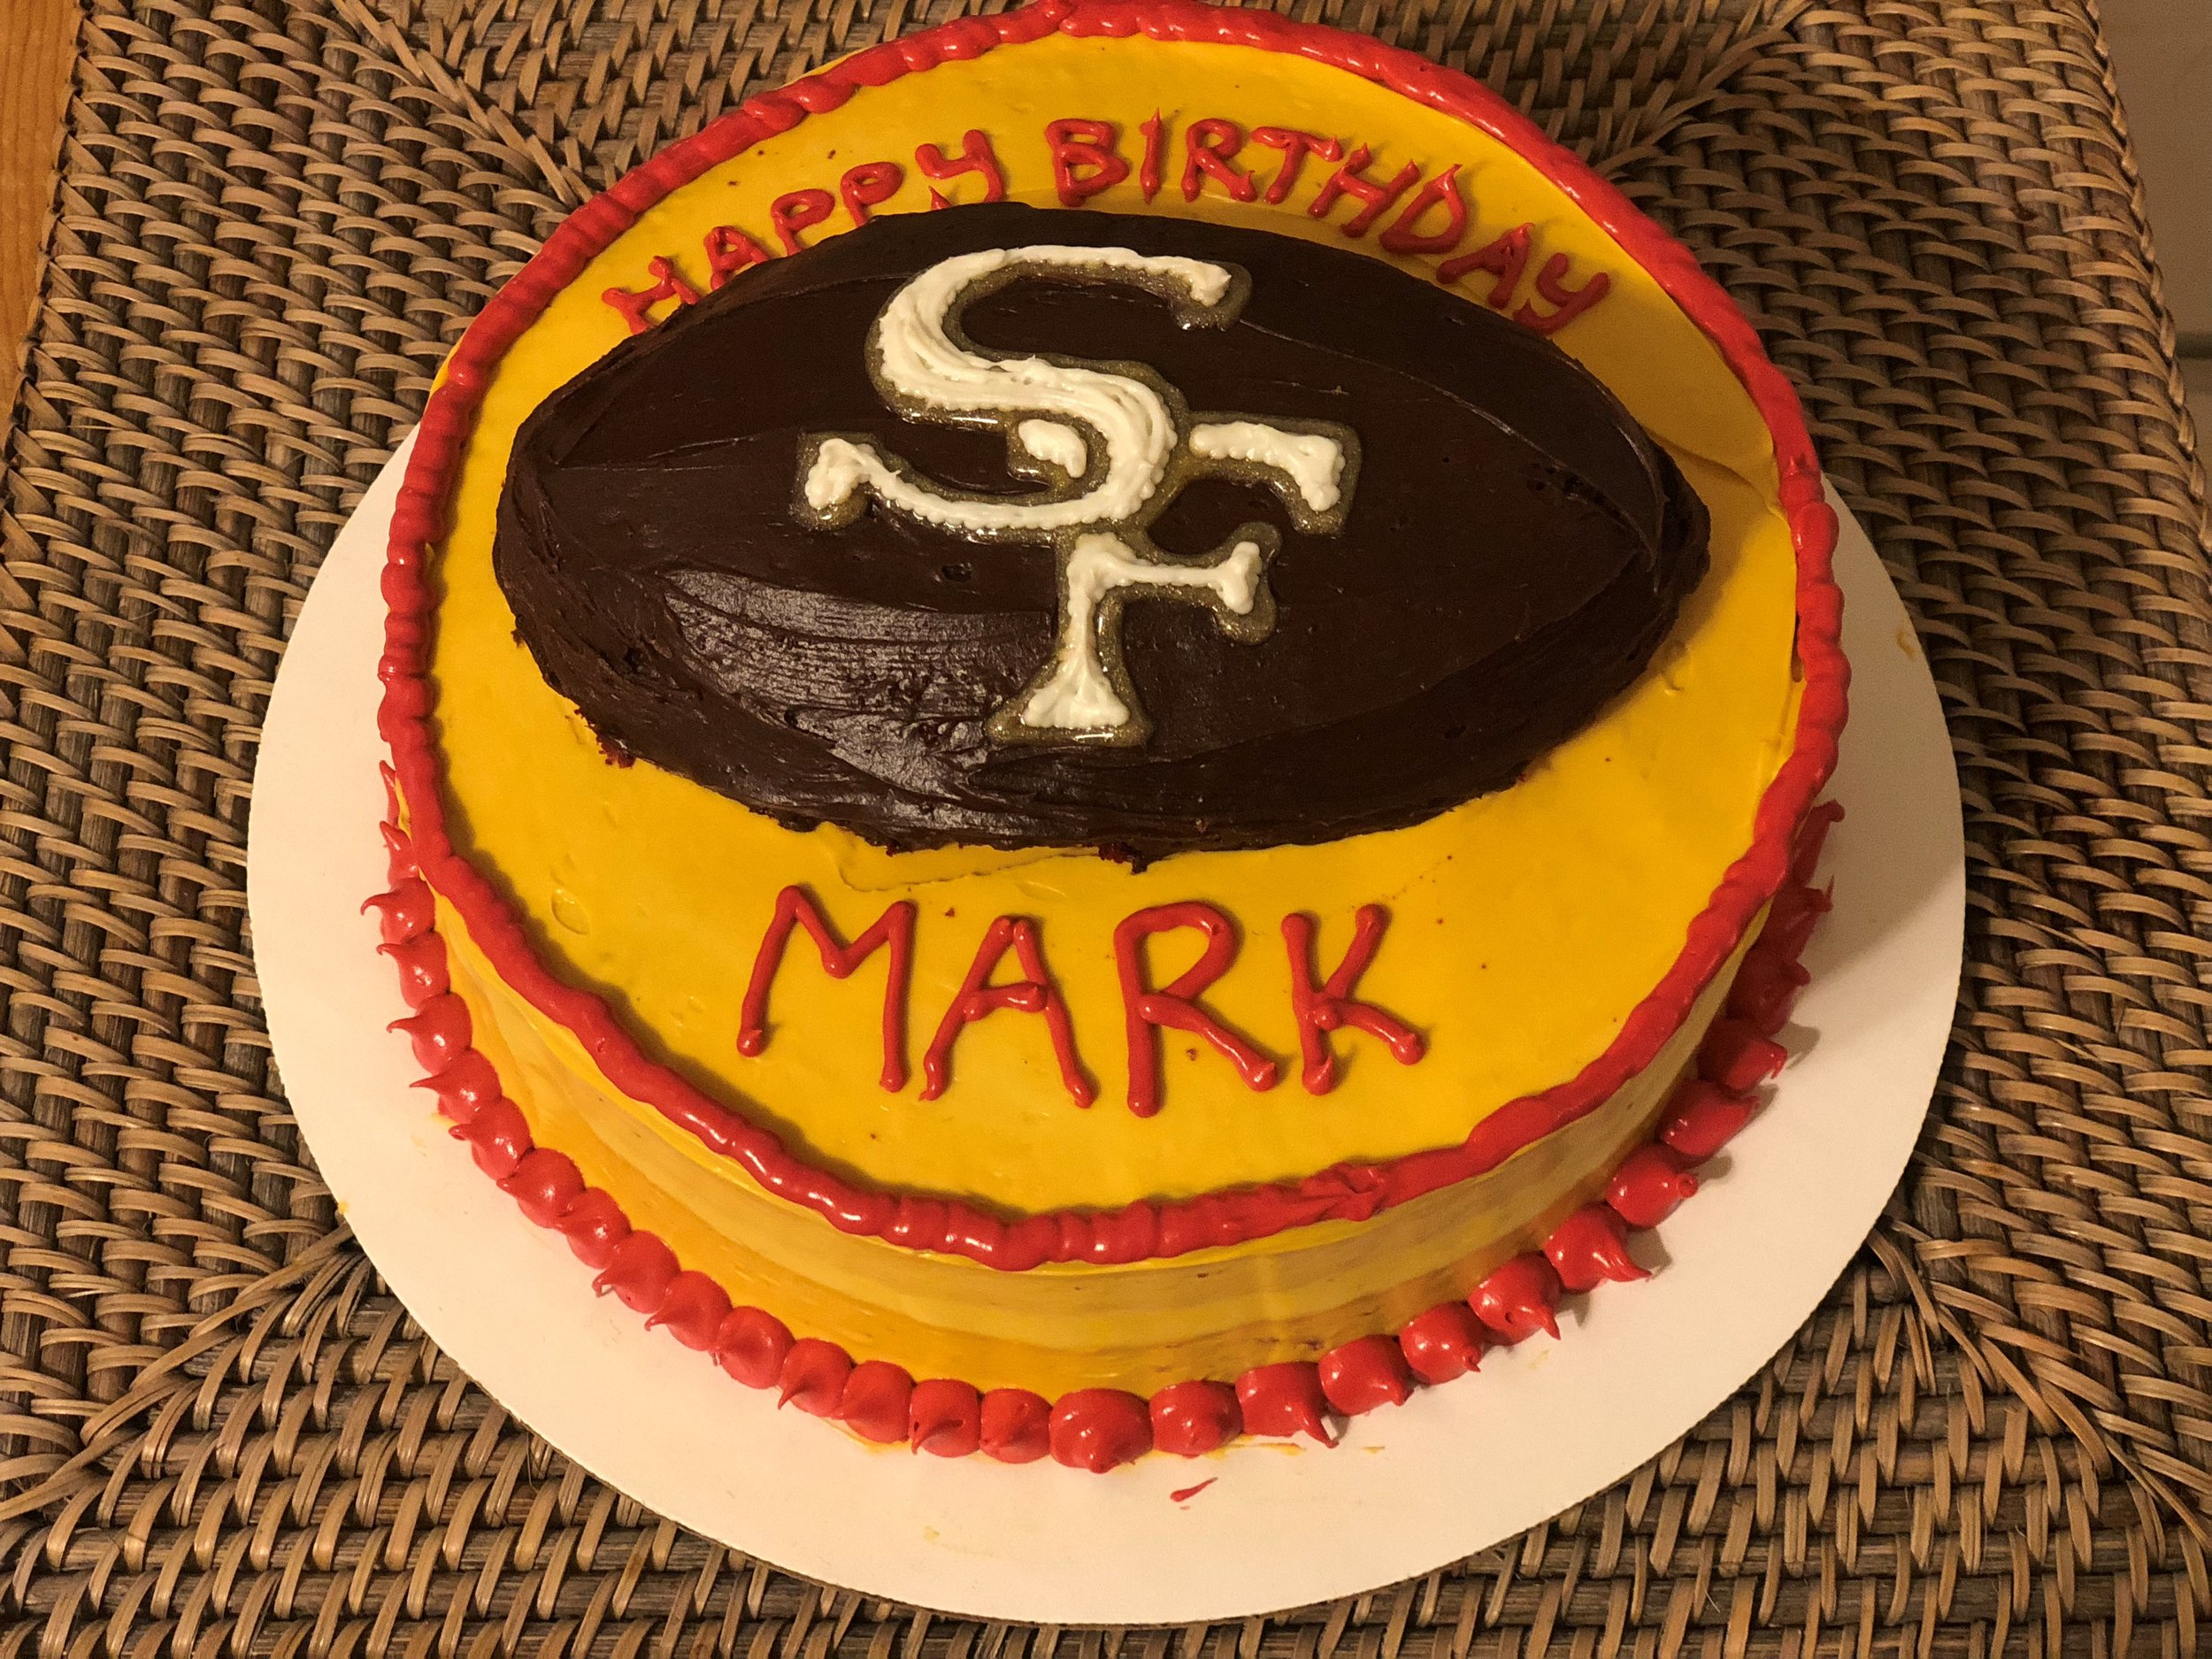 49ers cake.jpg